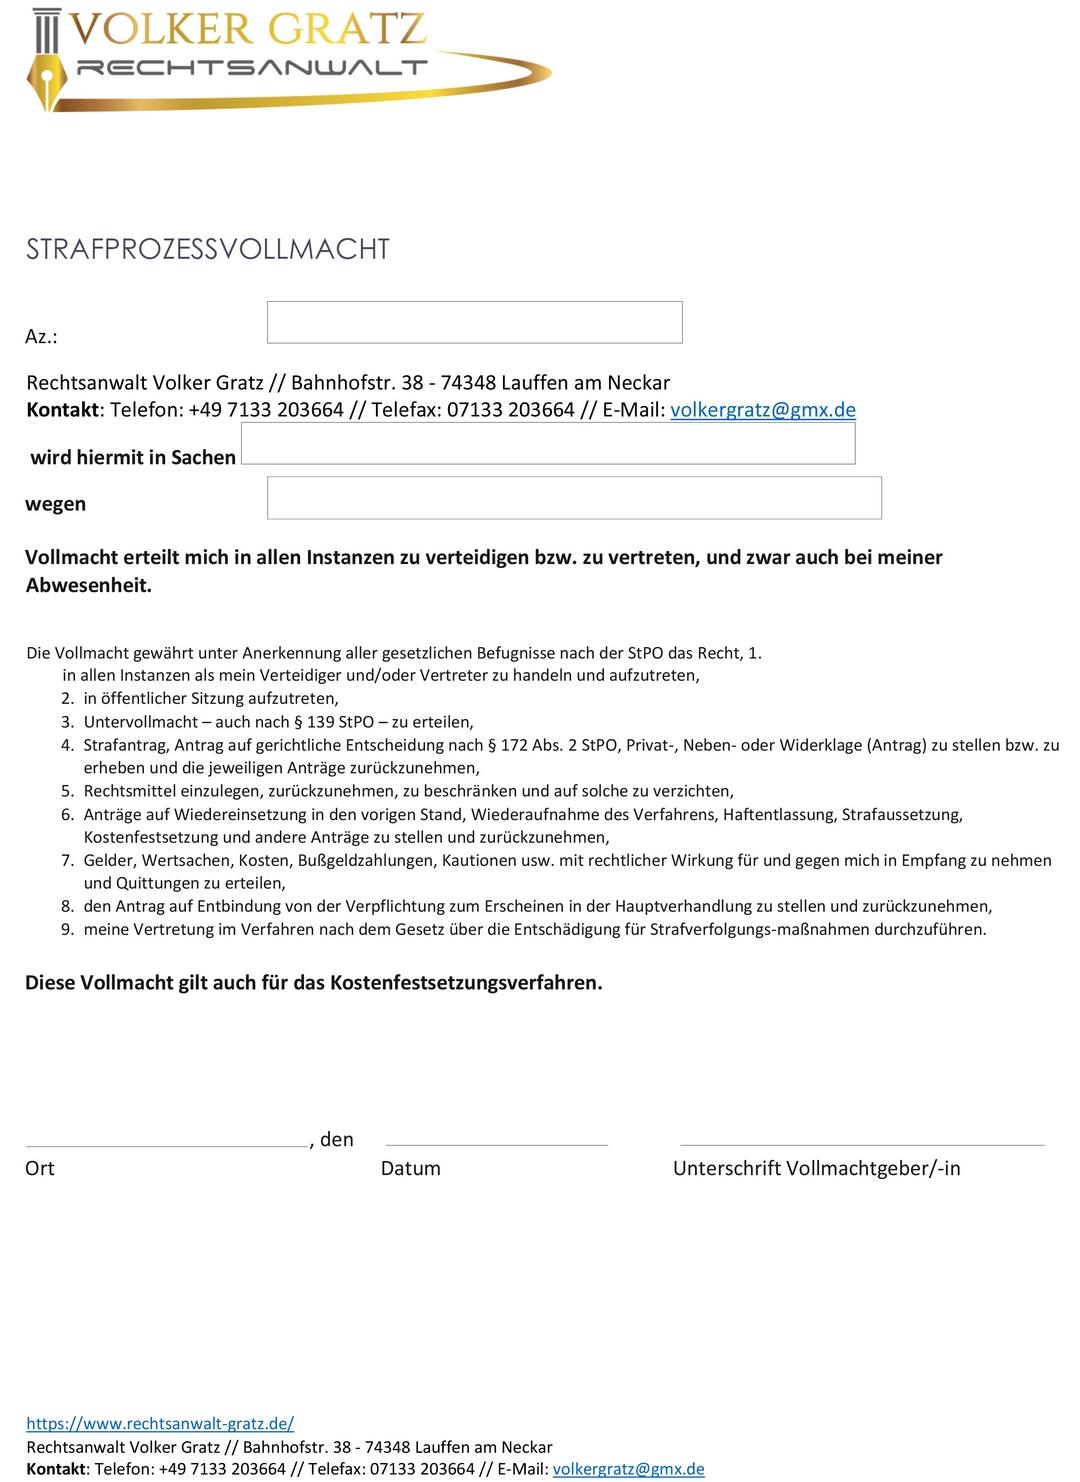 Vollmacht download